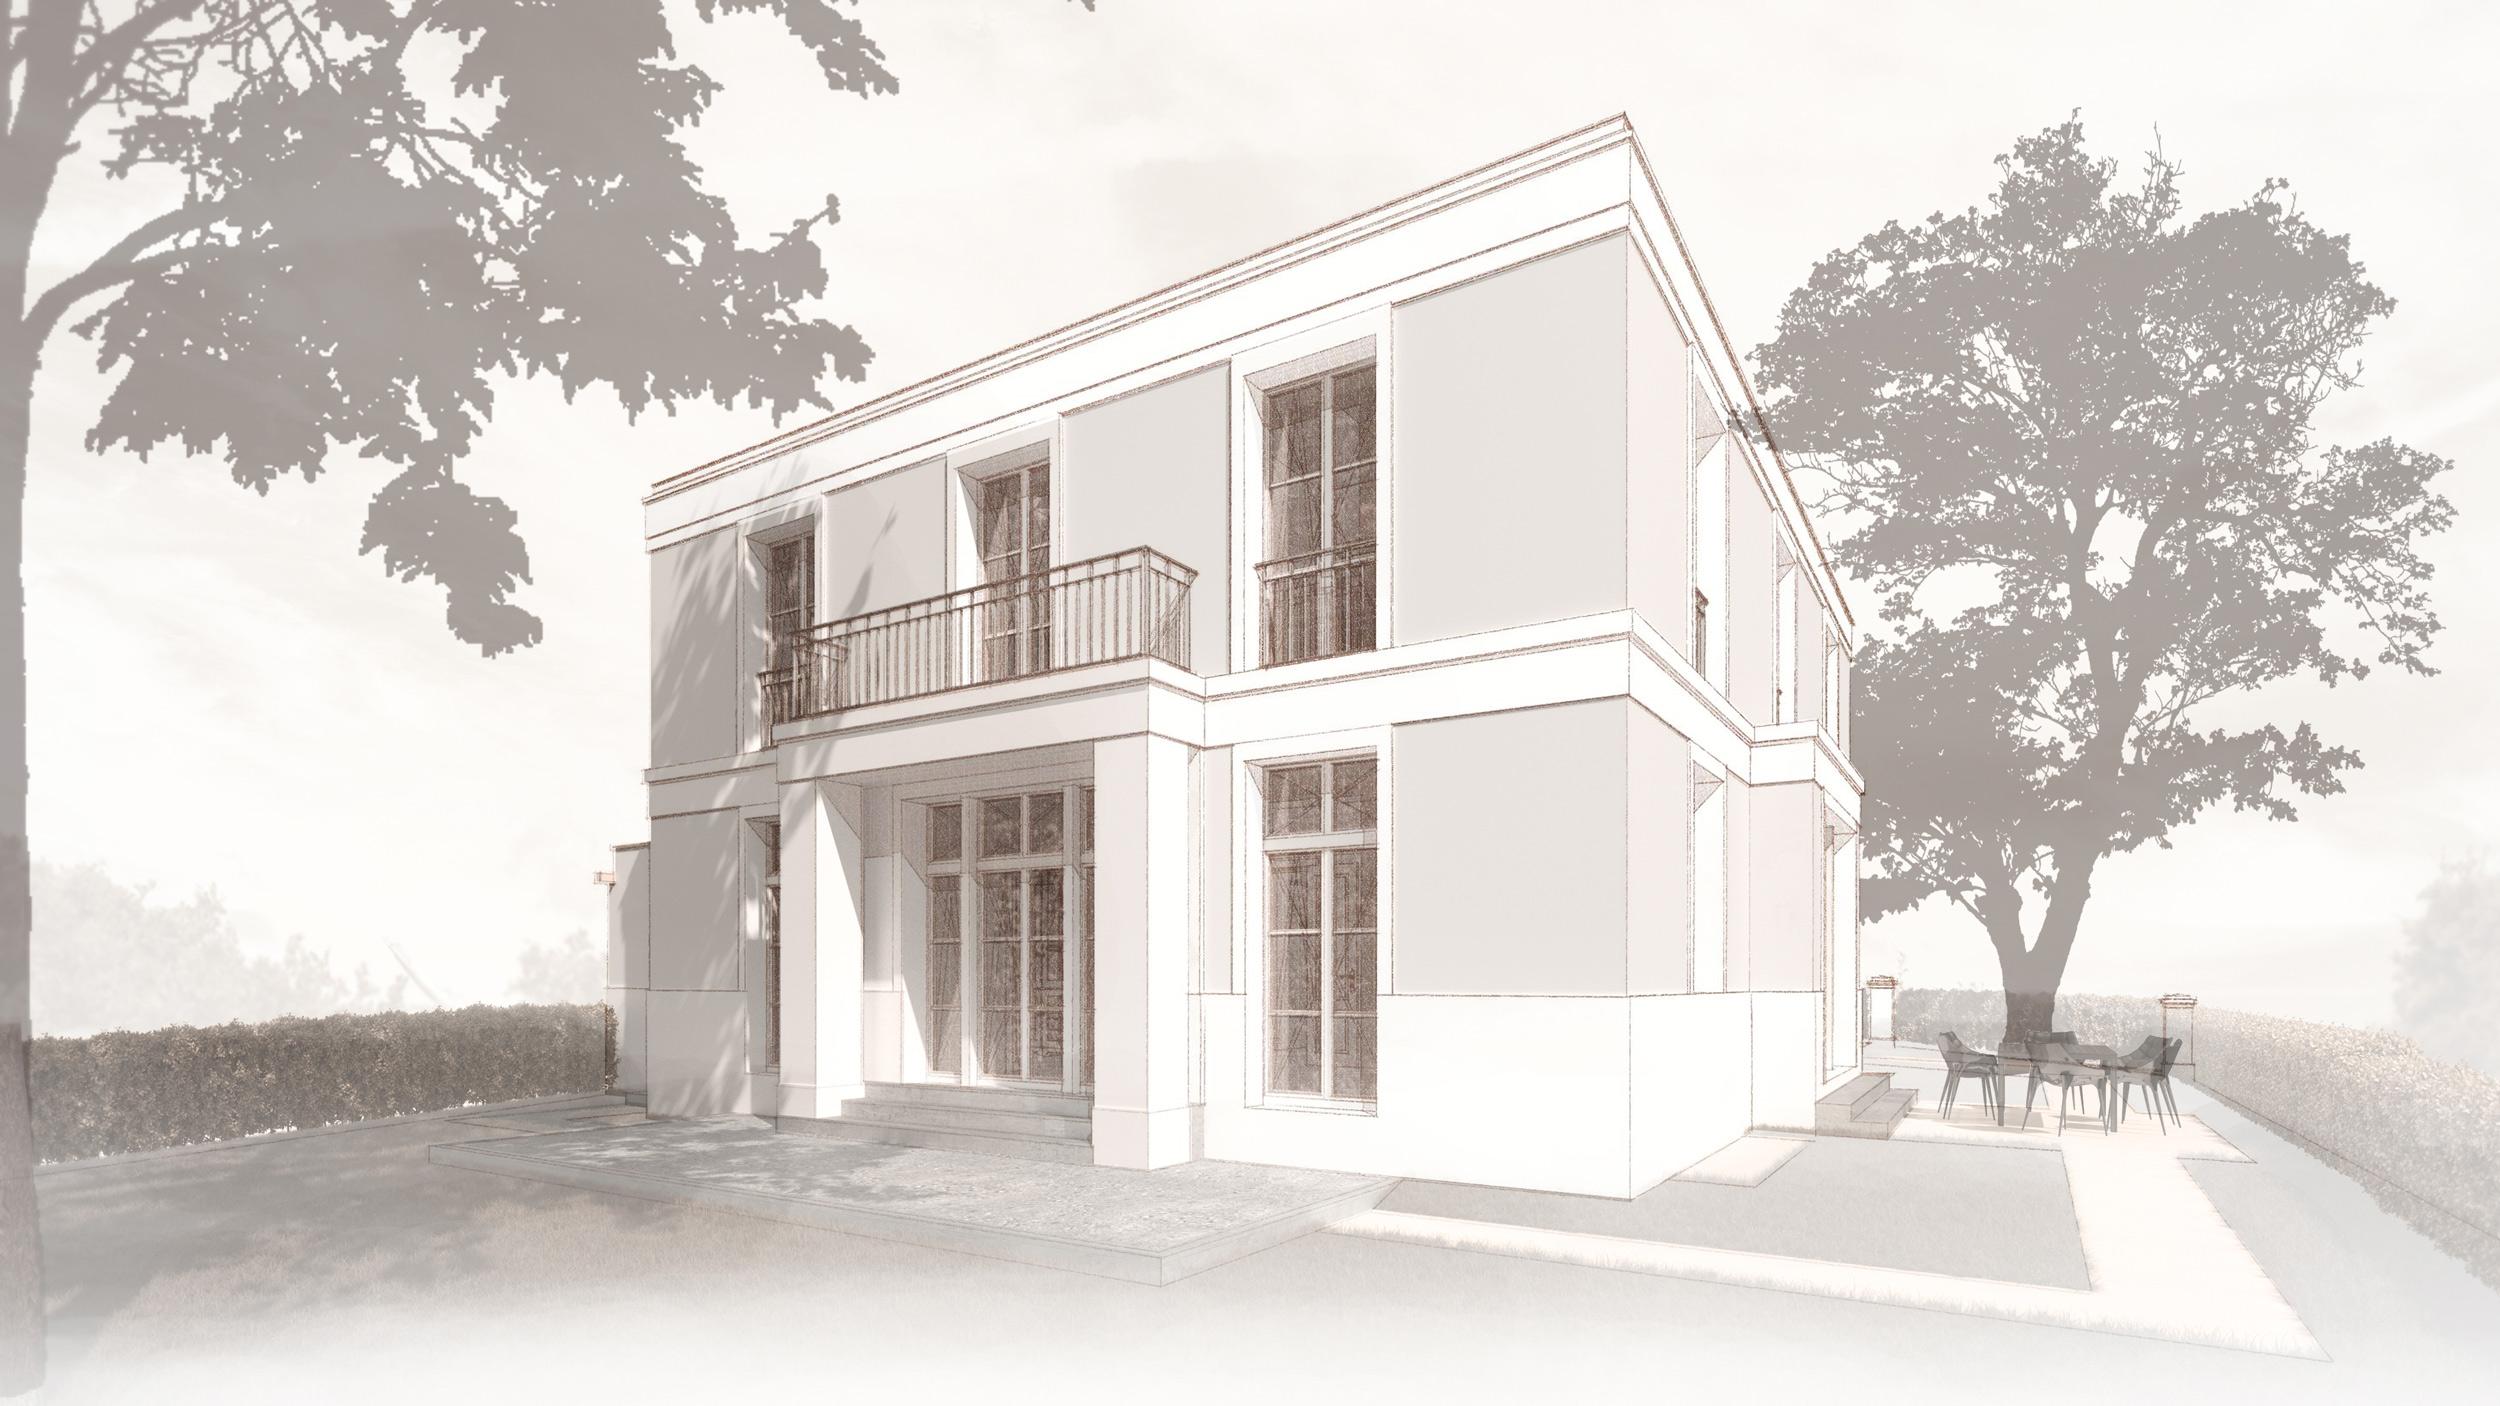 Realisierung Landhaus klassische Prägung Kleinmachnow Fassade erkerartiger Vorbau Balkon Erdgeschoss